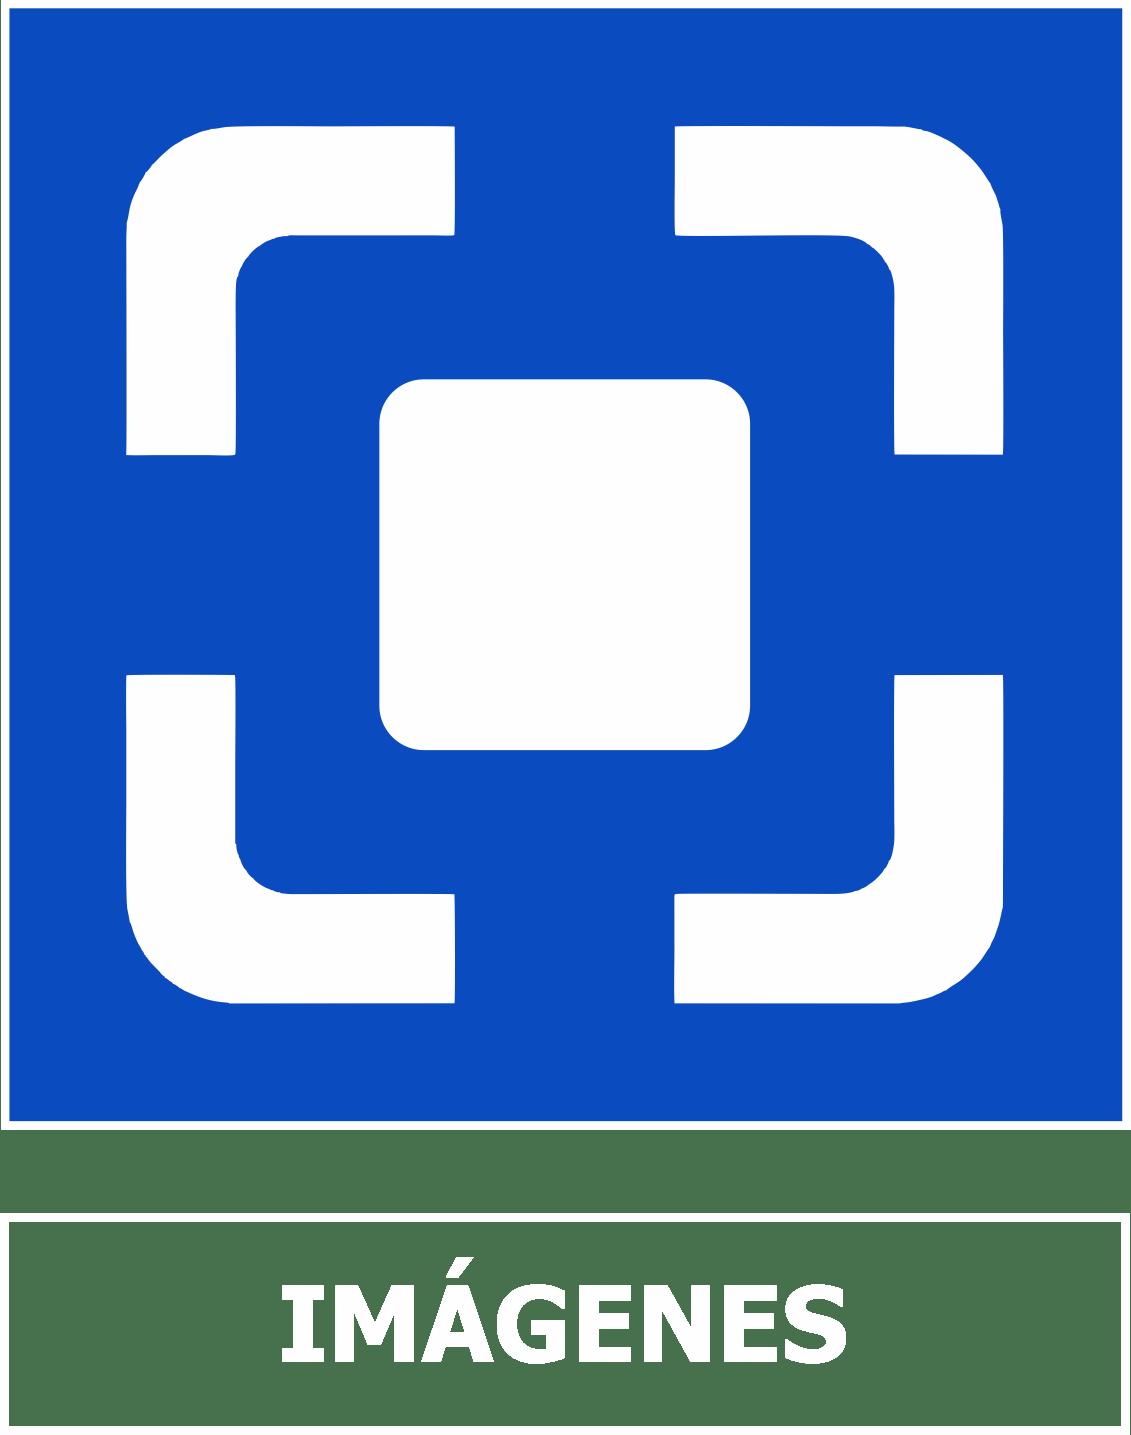 icono7b